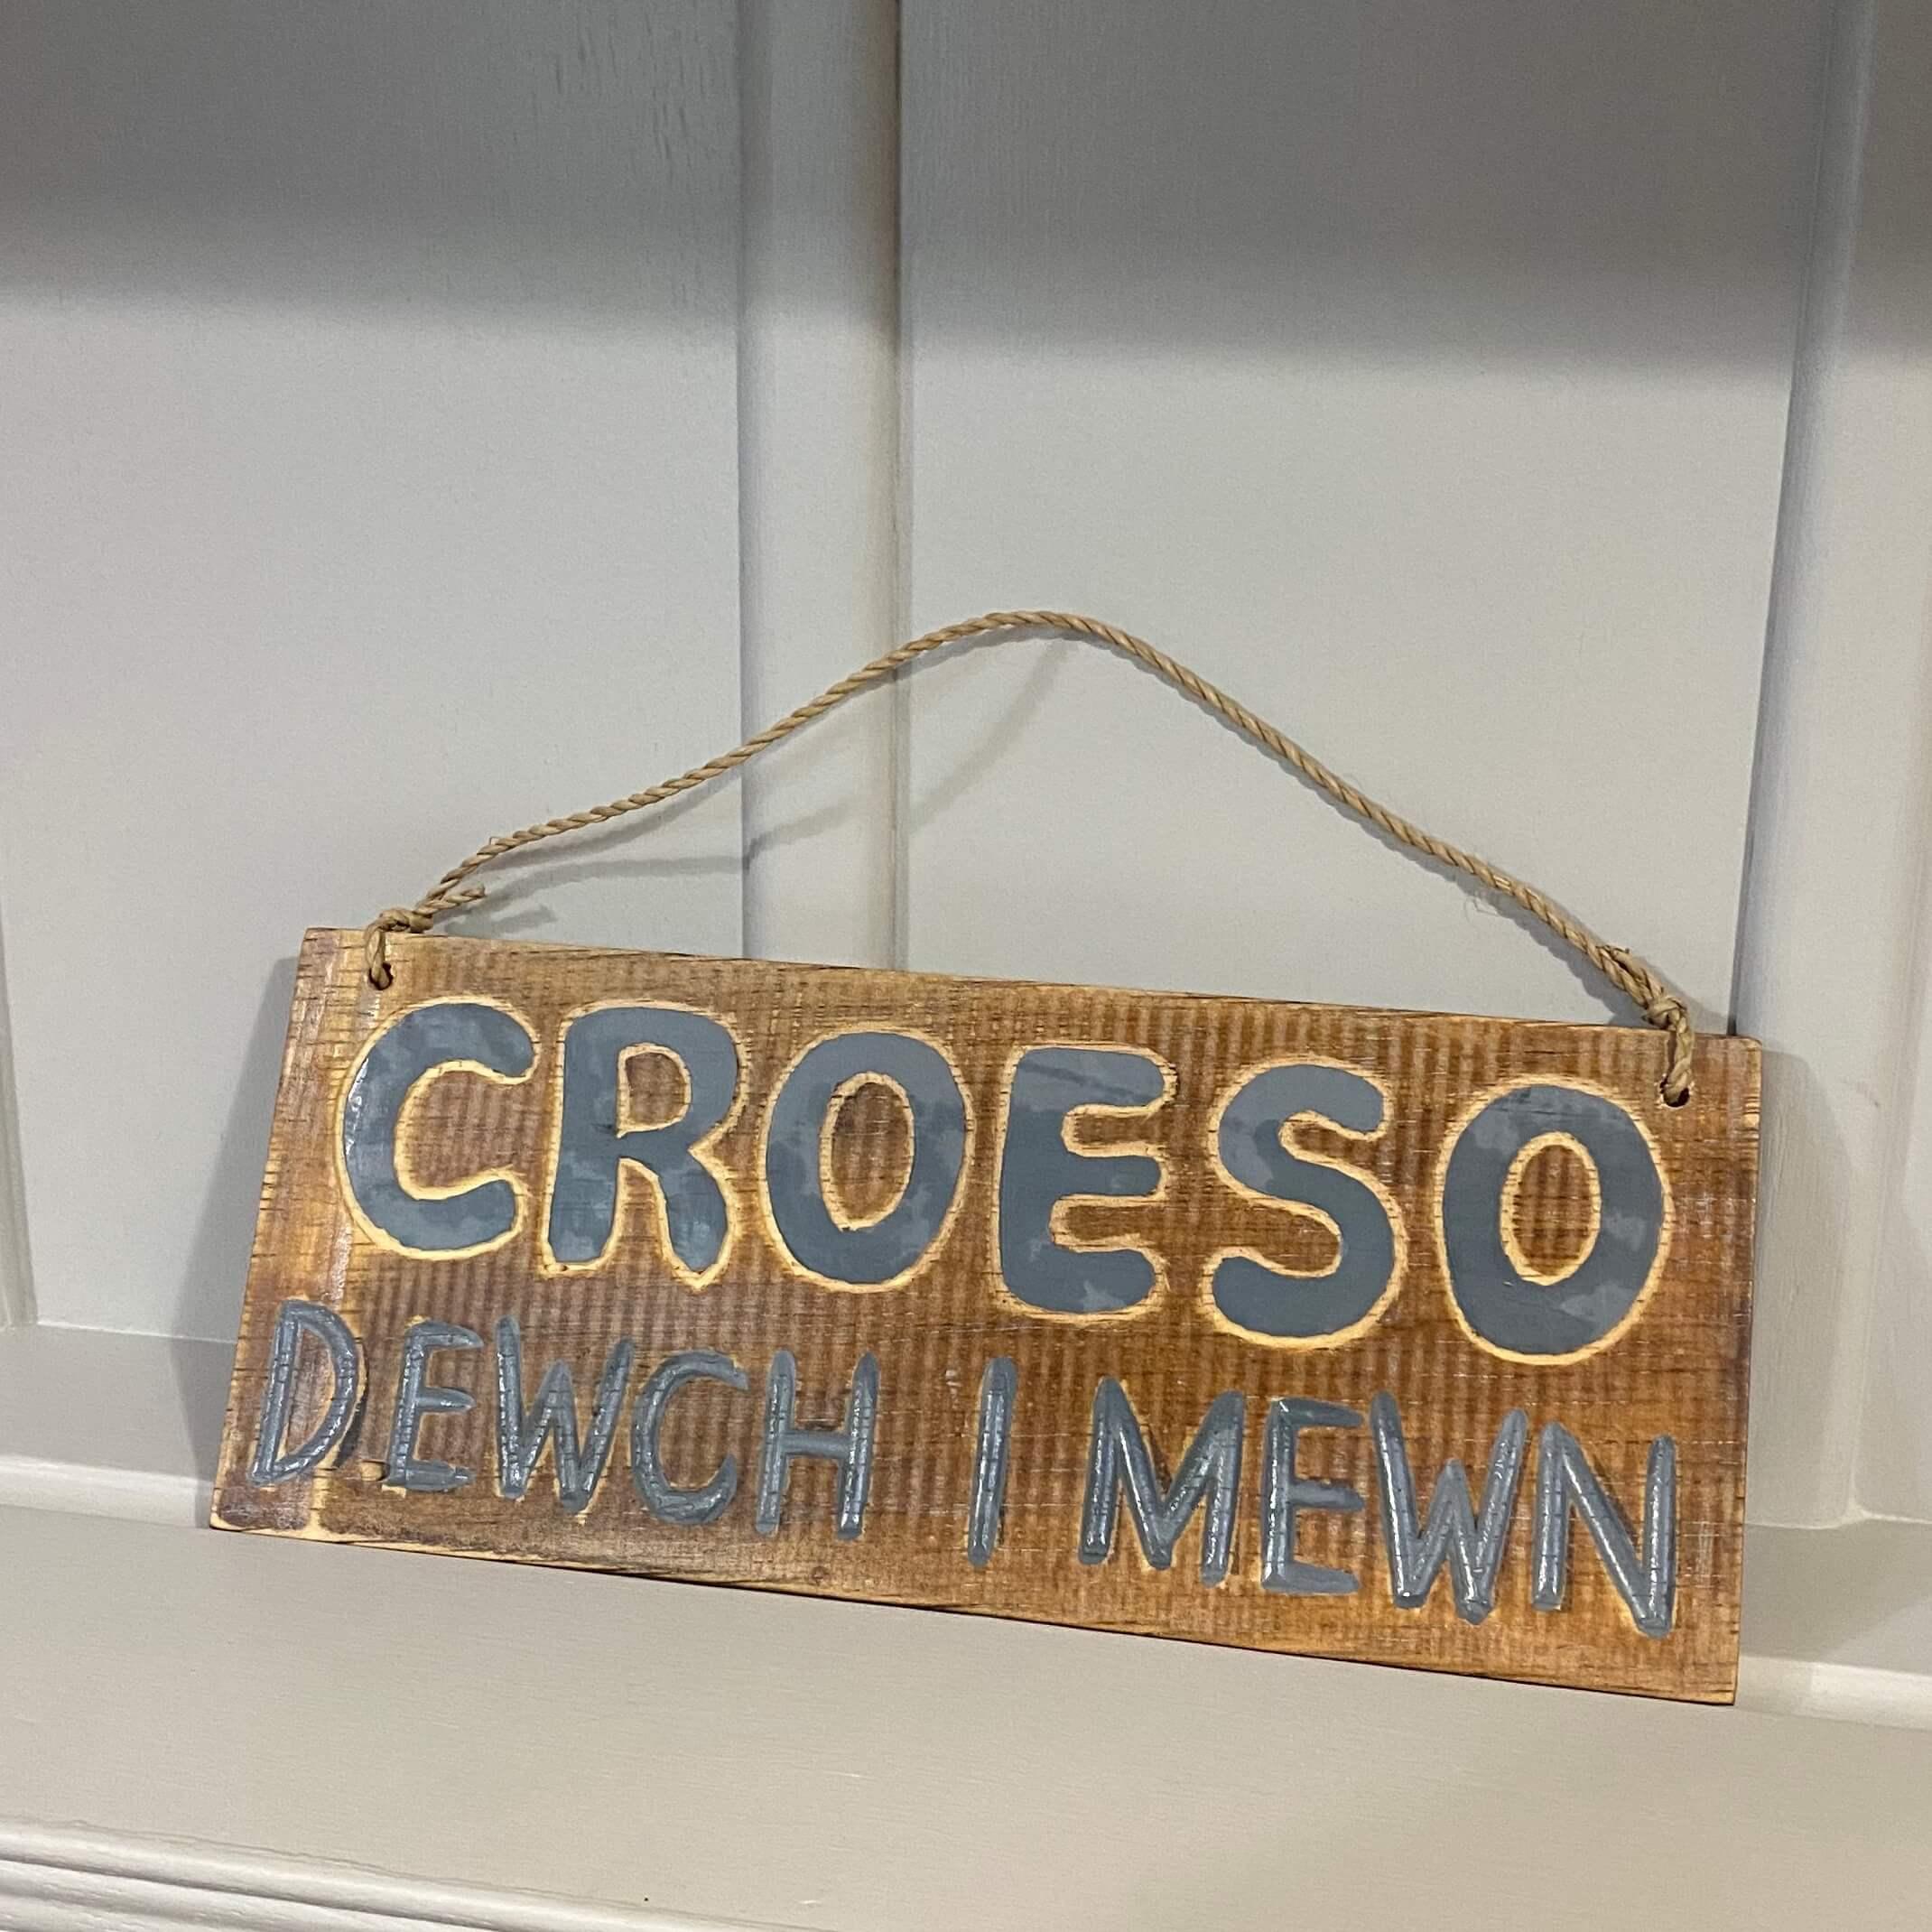 Arwydd Croeso (Welcome)